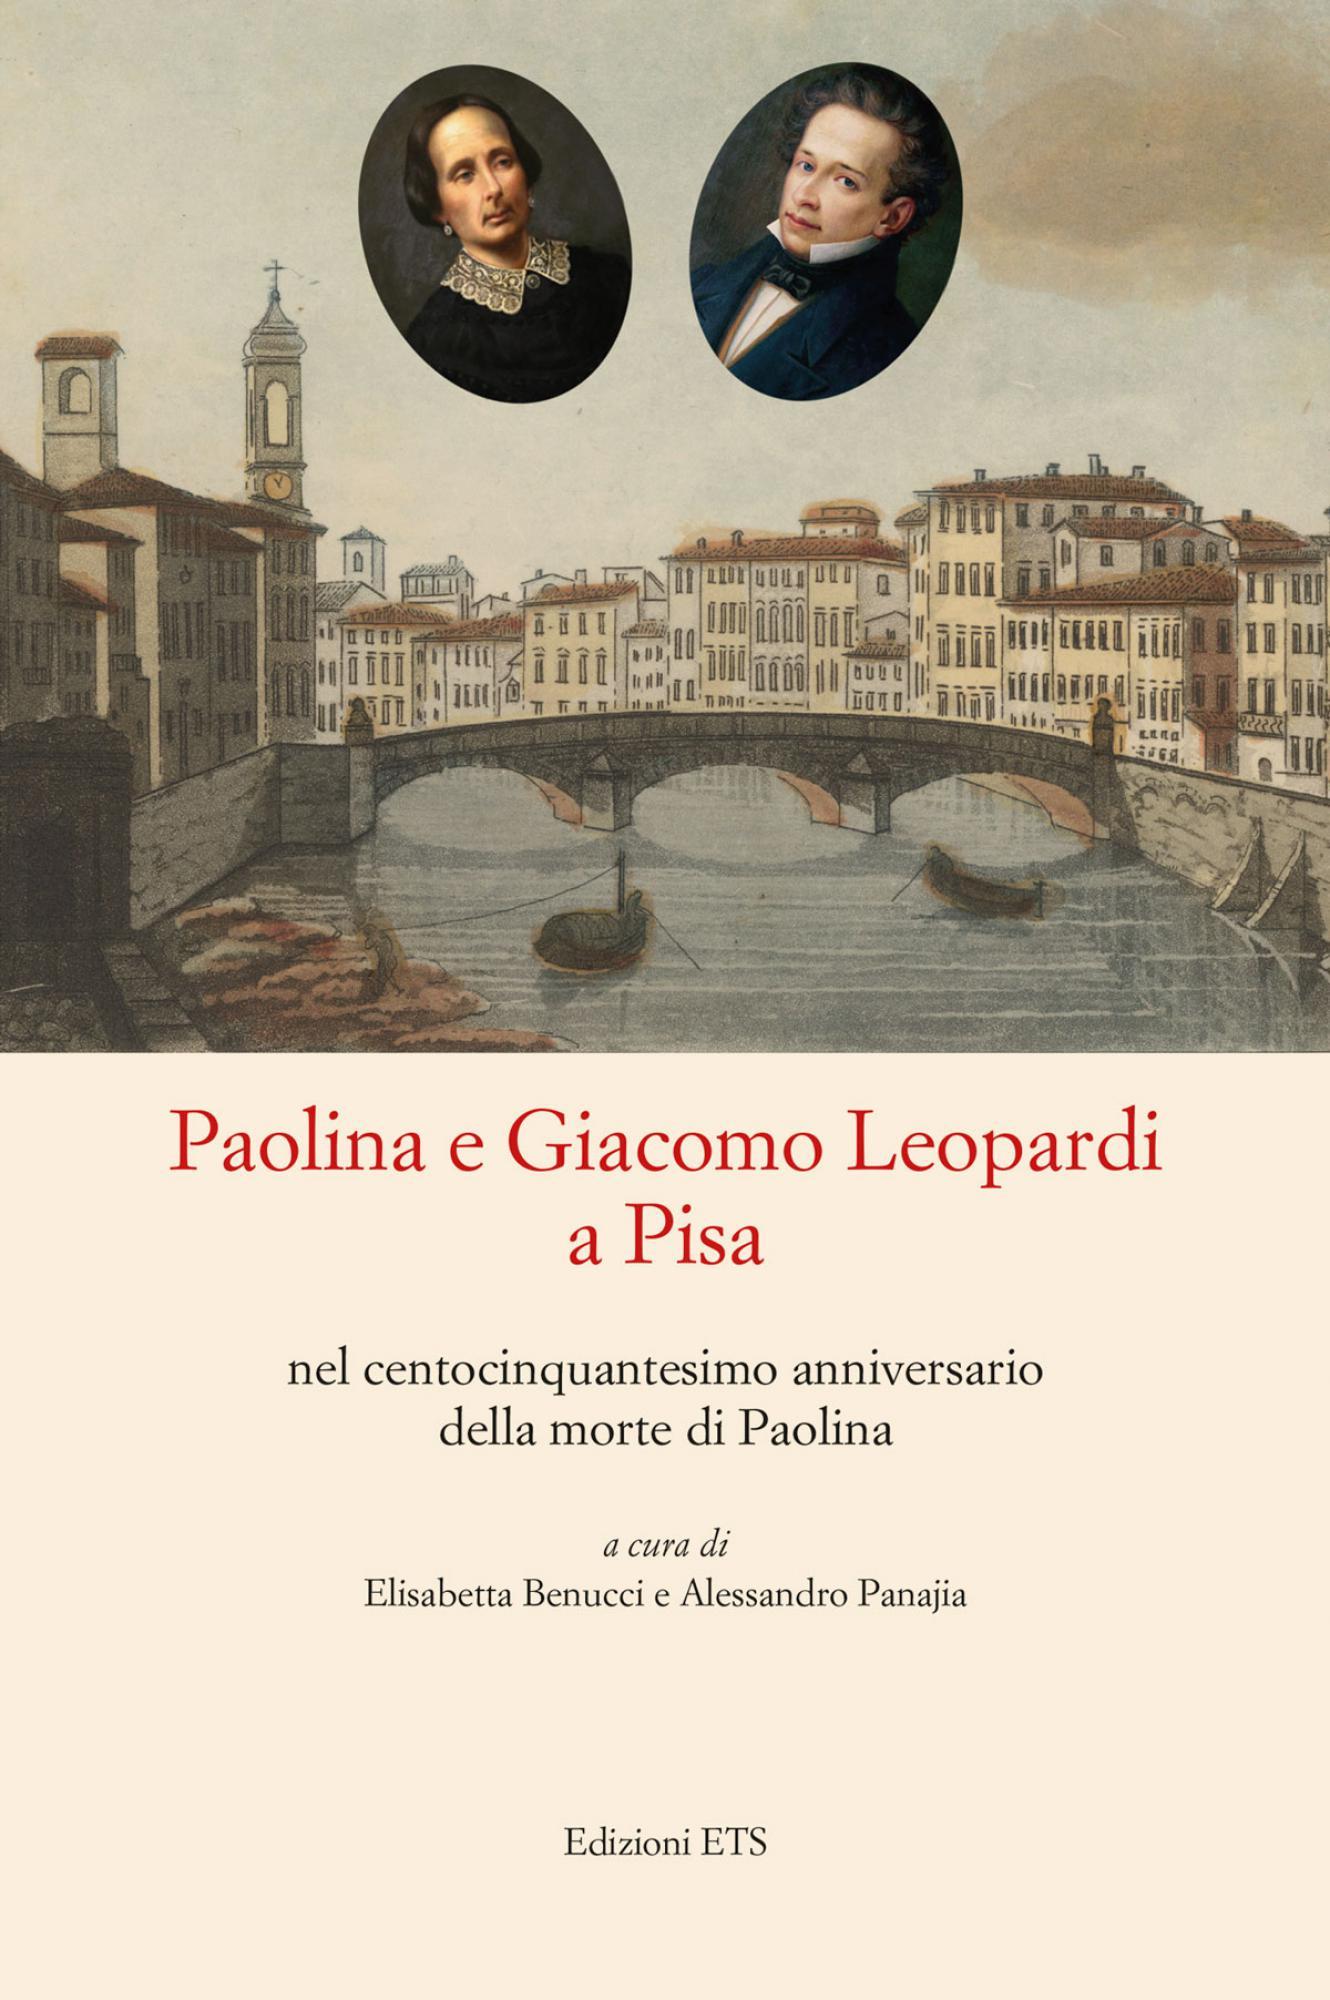 Paolina e Giacomo Leopardi a Pisa<br /><br />.nel centocinquantesimo anniversario della morte di Paolina